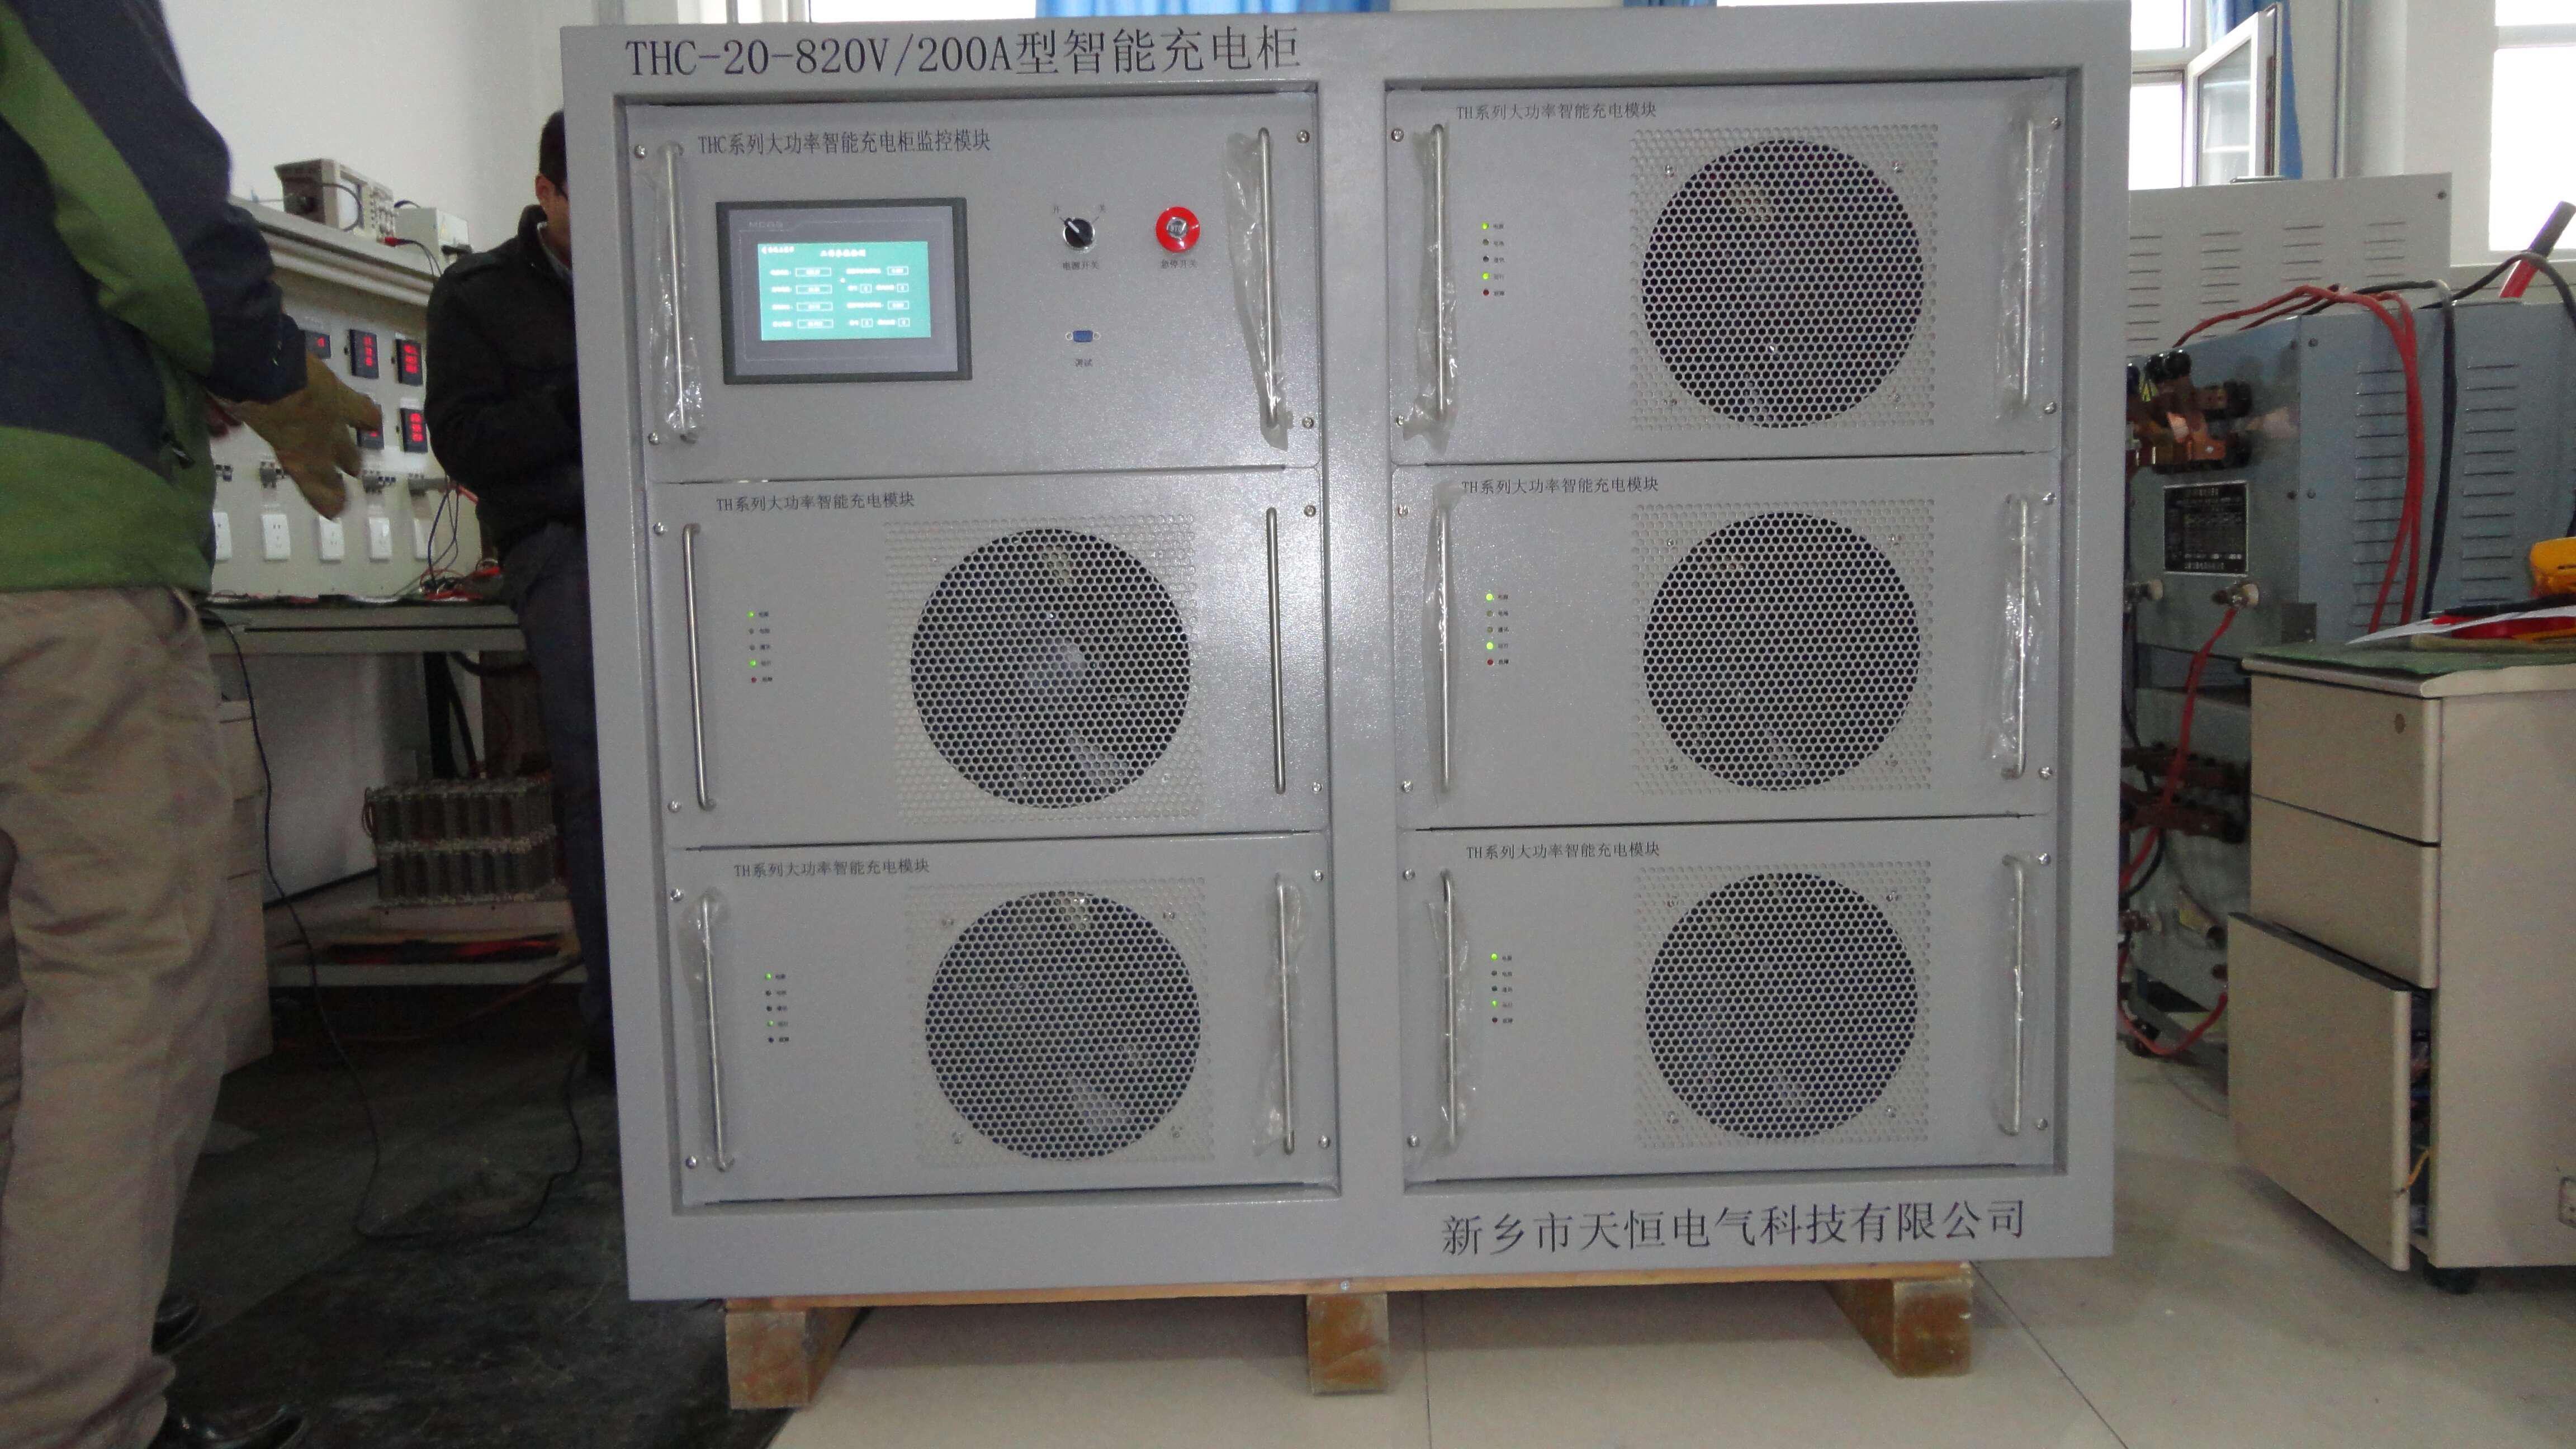 THC-20-820V/200A型智能充電柜